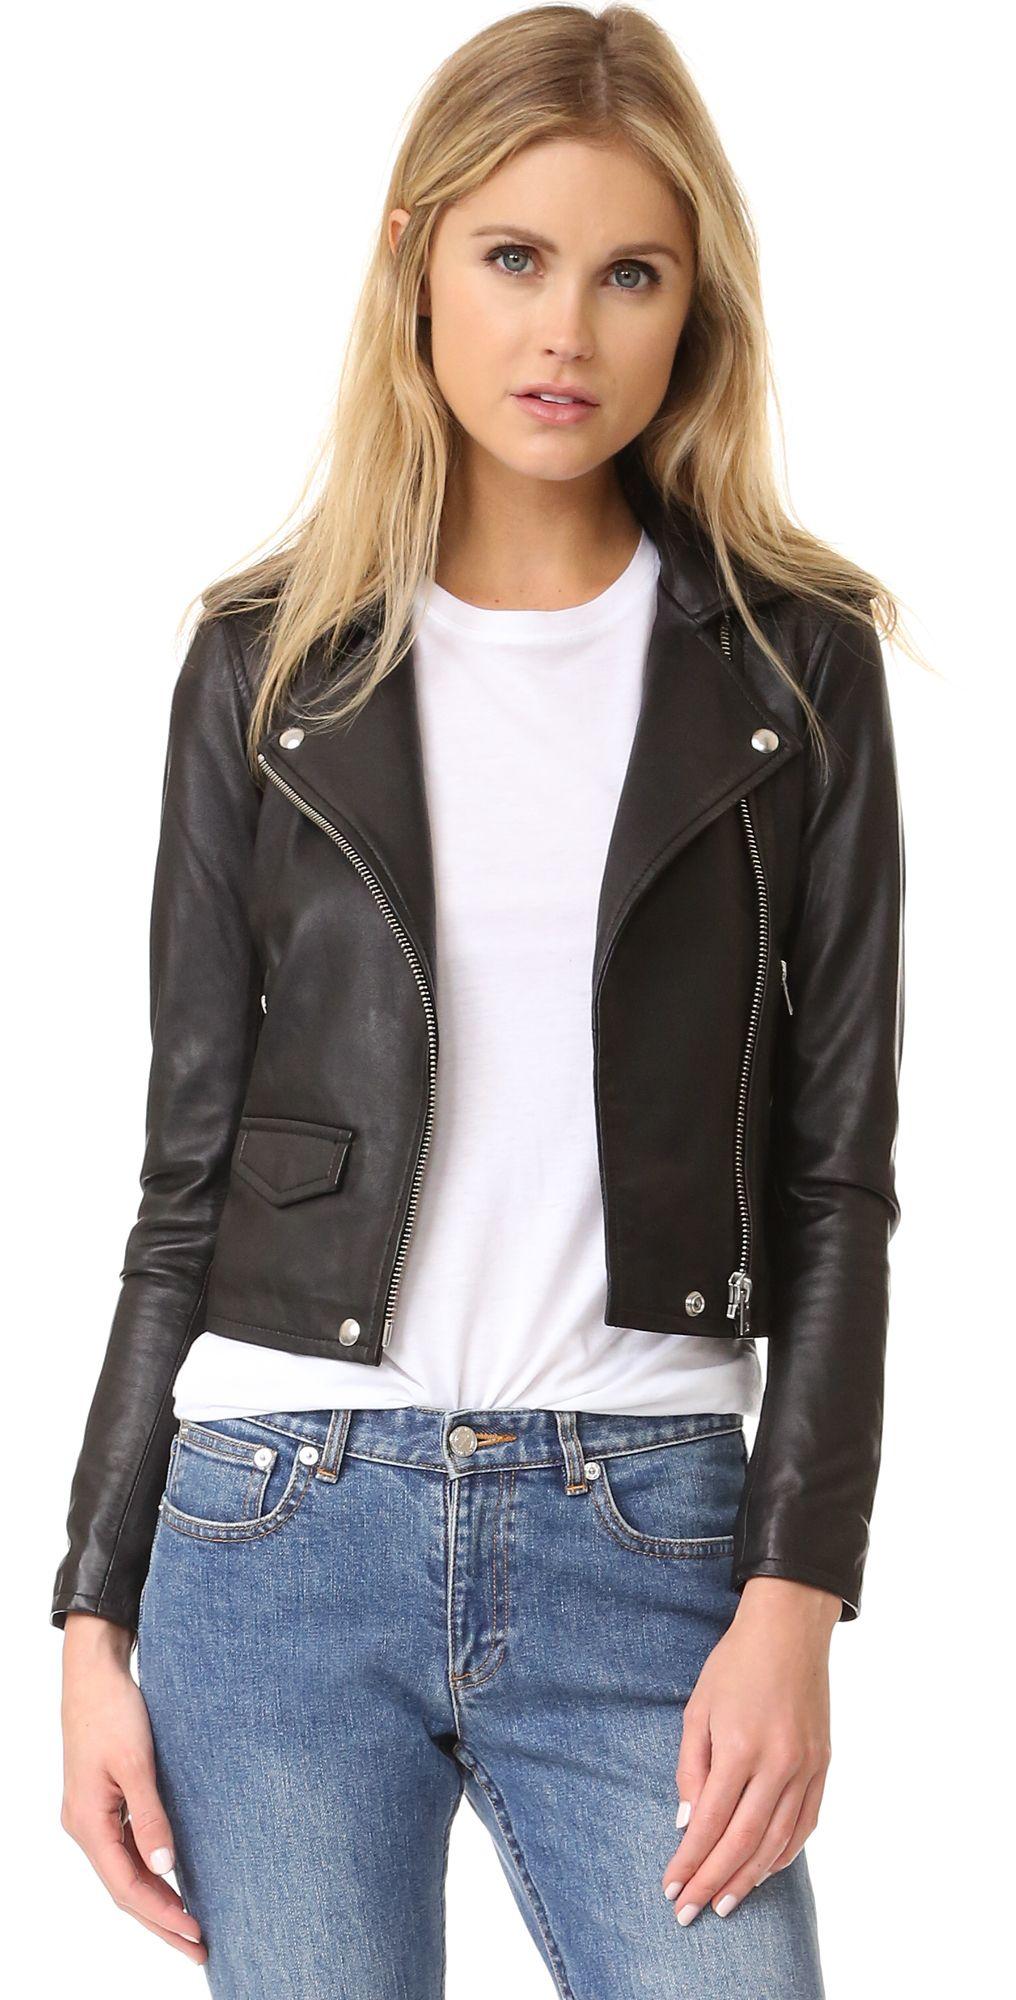 Iro Ashville Leather Jacket Leather Jackets Women Iro Leather Jacket Leather Jacket [ 2000 x 1016 Pixel ]